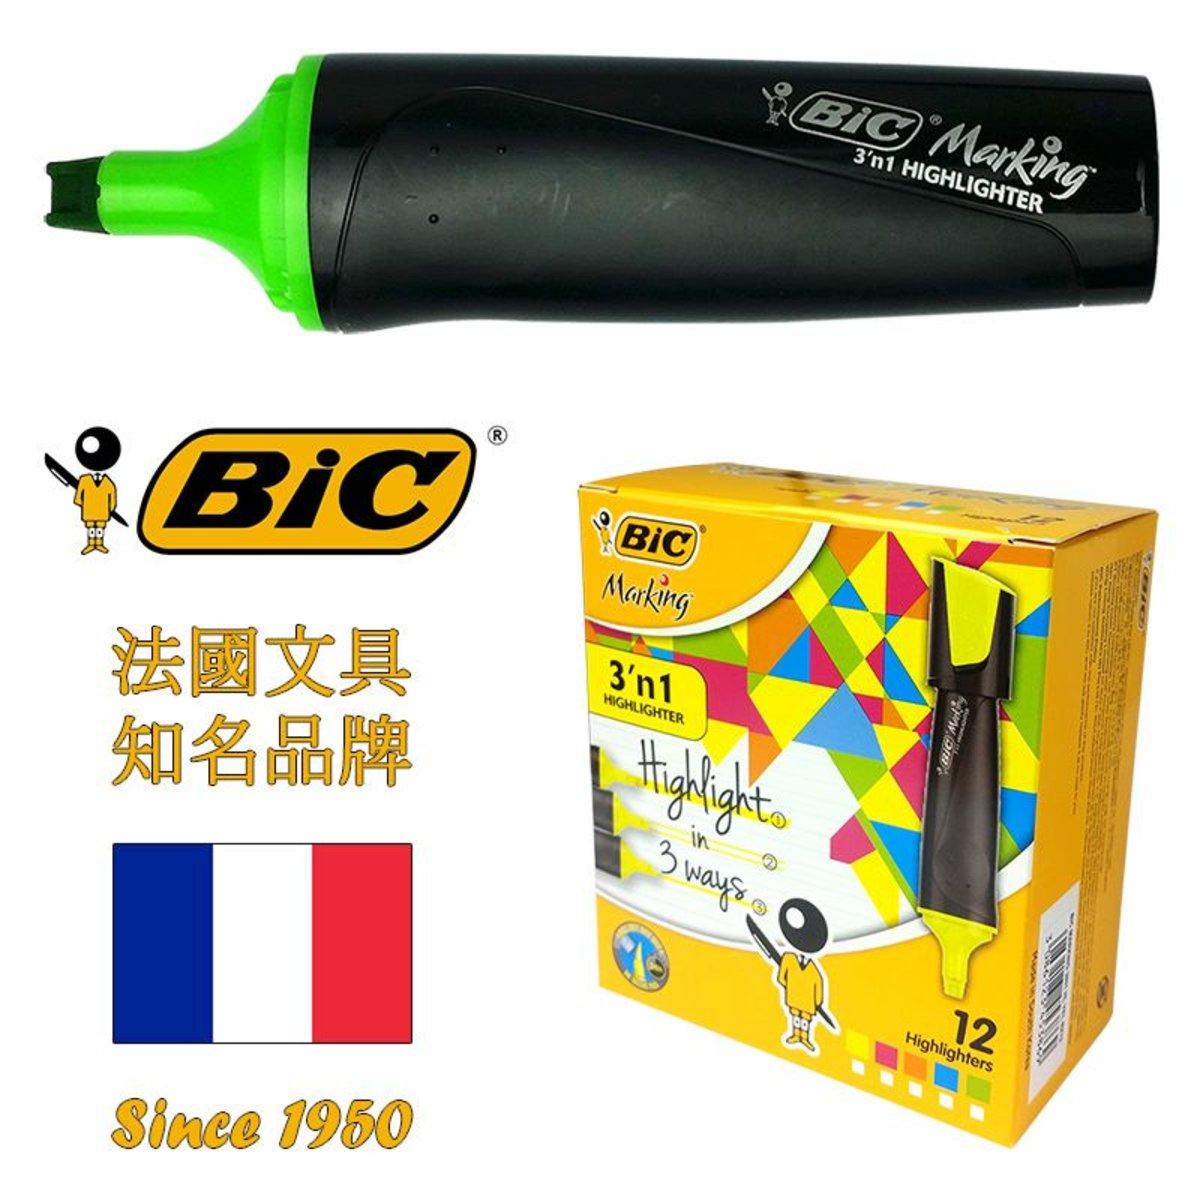 法國BIC Marking三合一螢光筆 – 綠色 (韓國製造) | 12支盒裝